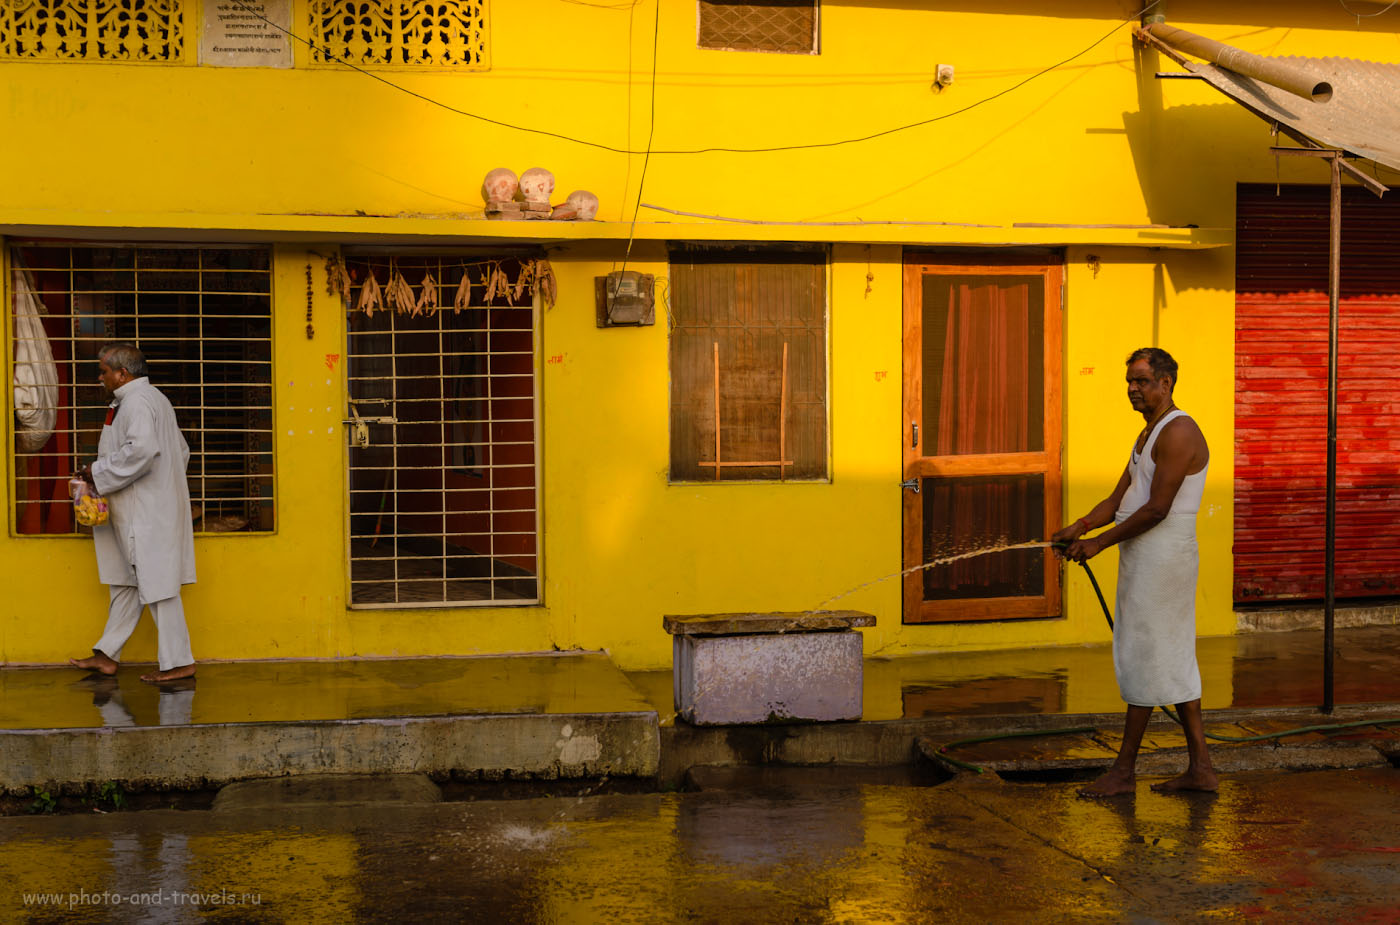 Фотография 2. Влажная уборка в Орчхе. Отчеты туристов о поездке в Индию самостоятельно. 1/400, 4.5, 100, 56.